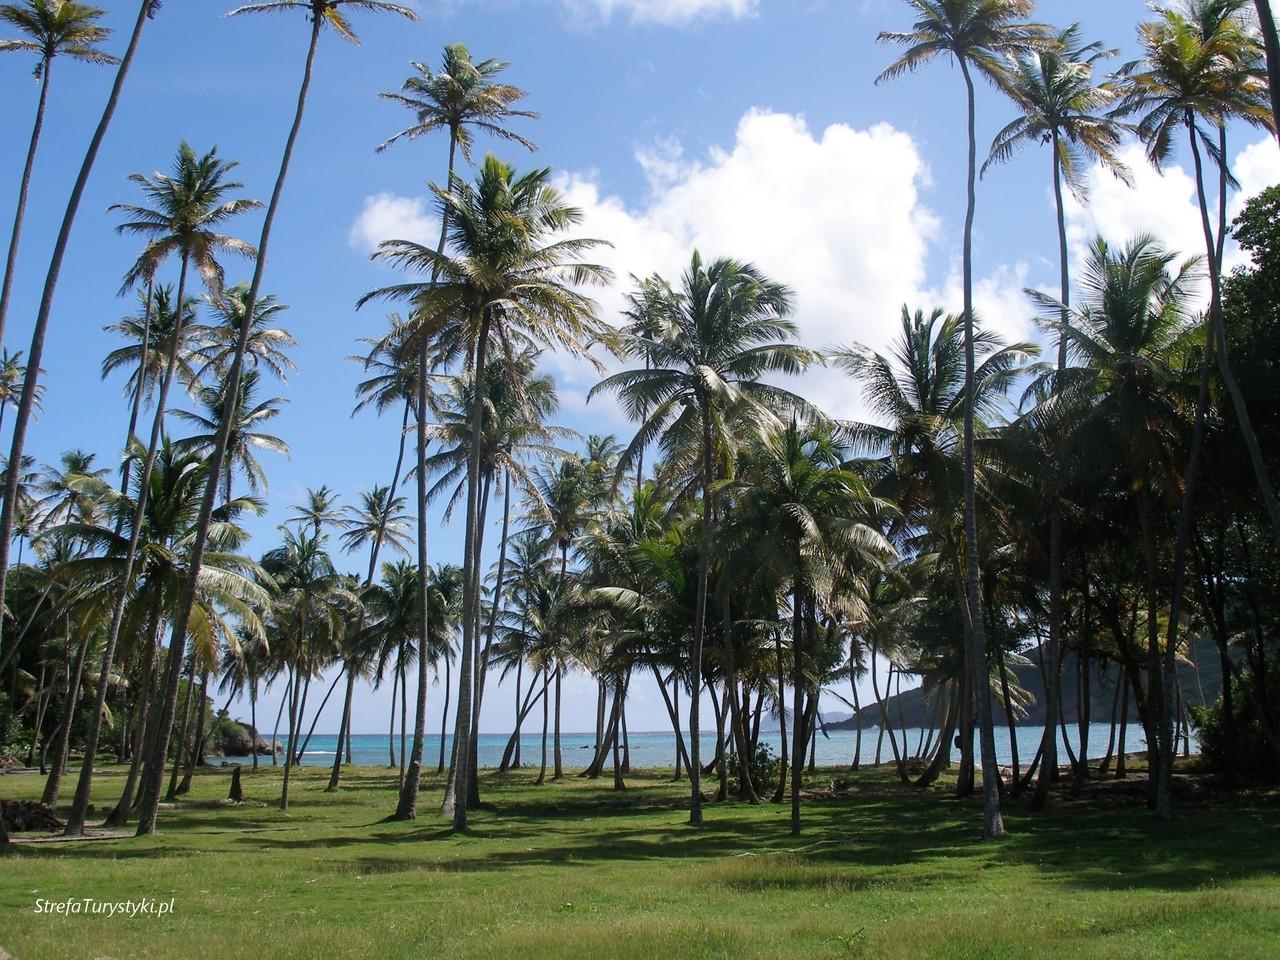 Palmy Karaiby